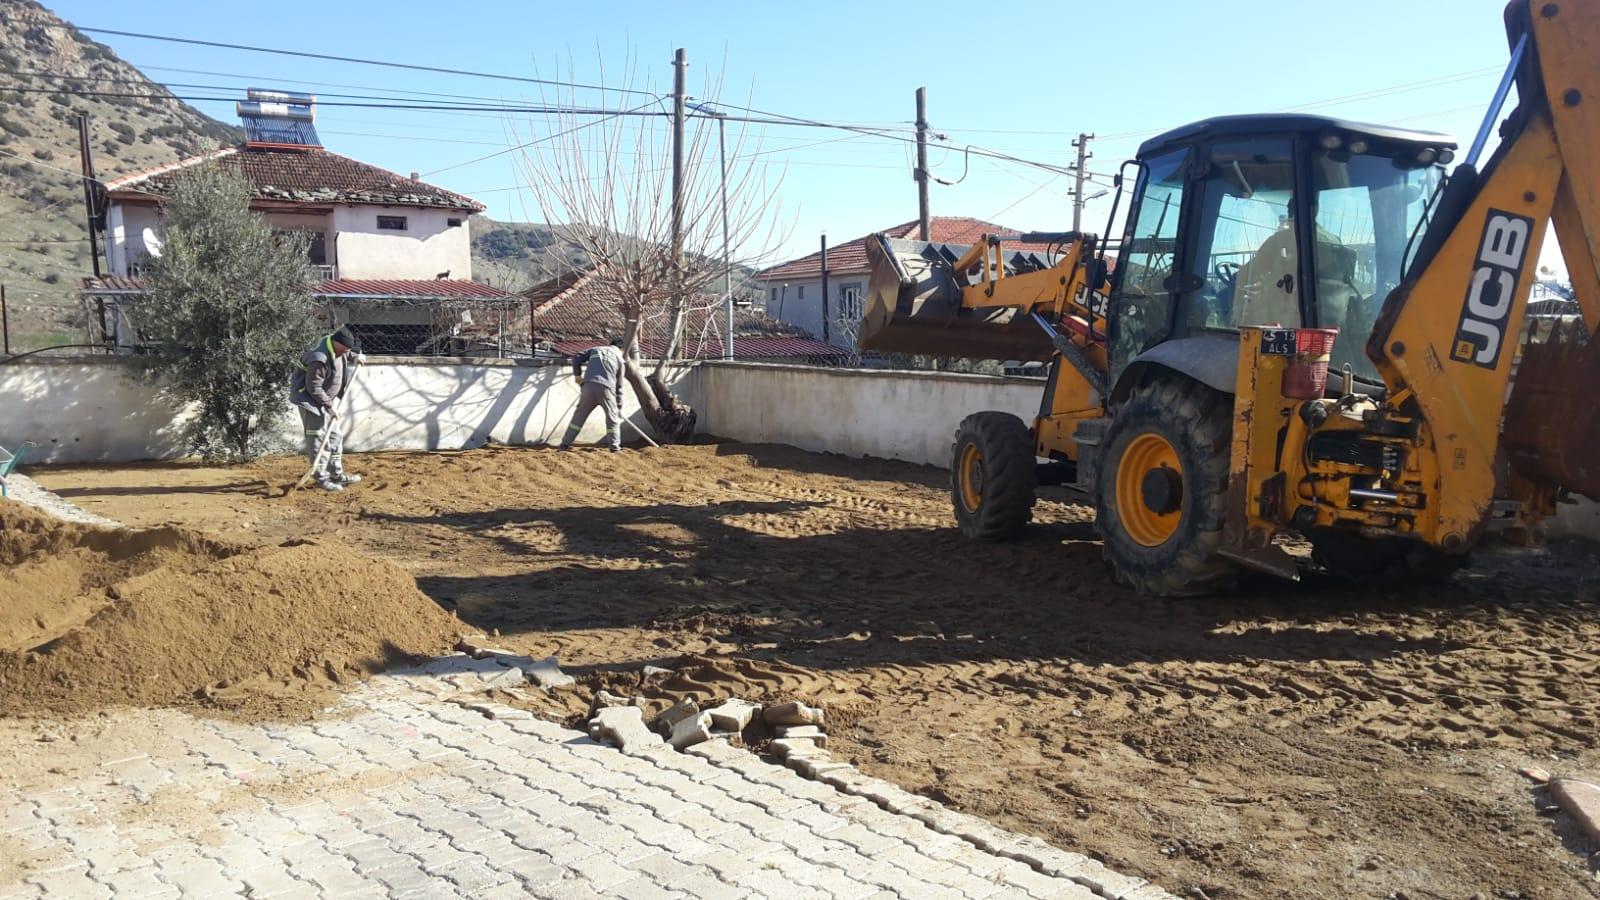 Girelli Şehit Mehmet Şimşek İlkokulu Bahçesinde Kilit Parke Taşı